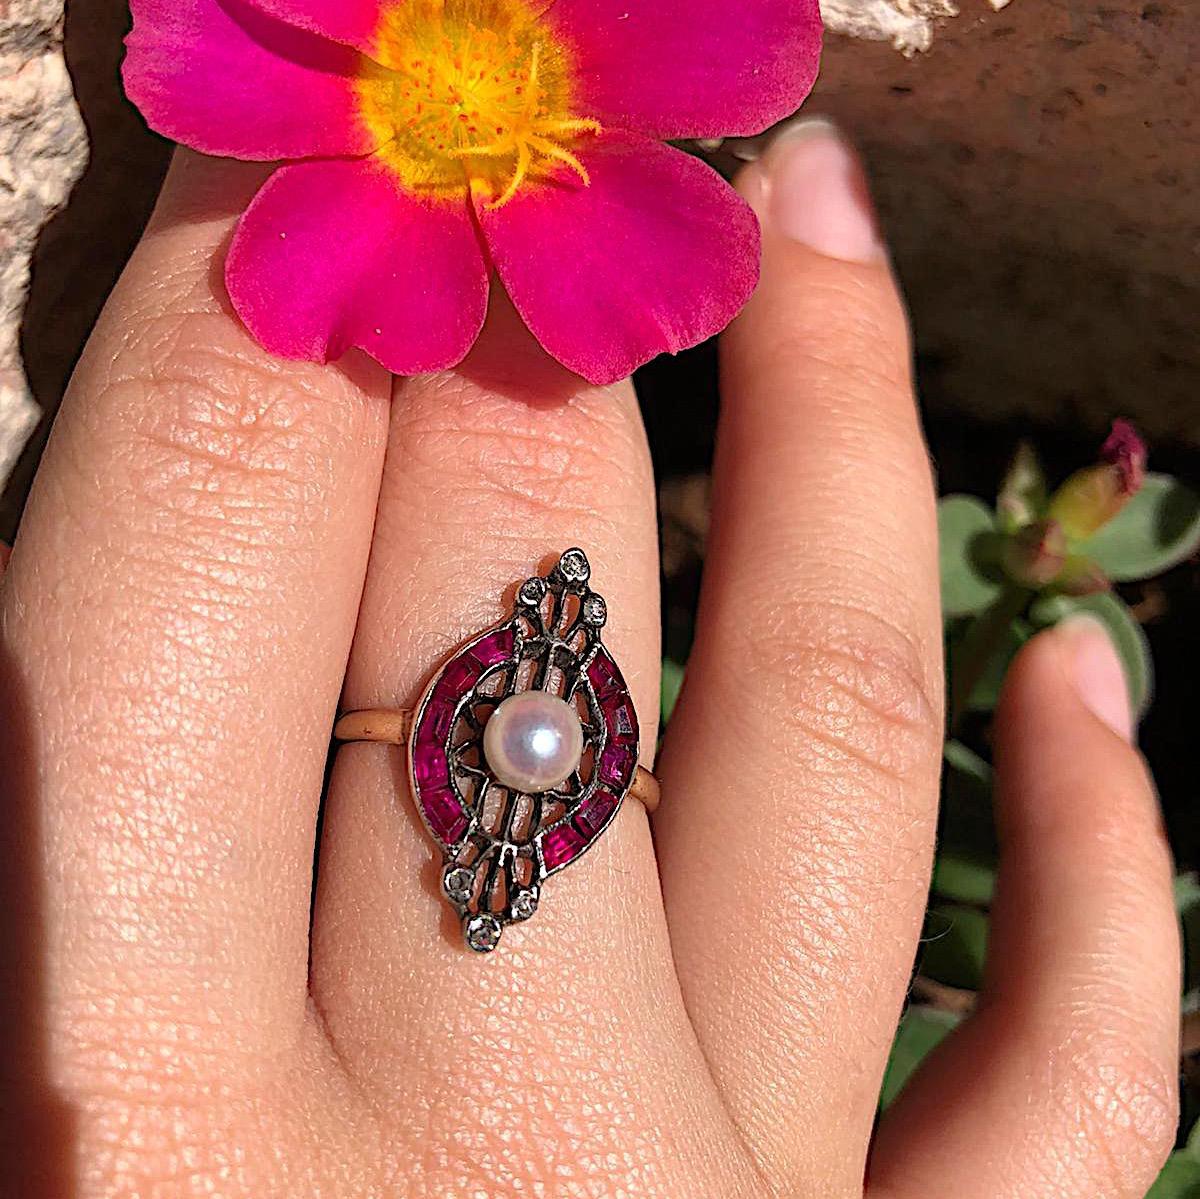 טבעת עתיקה, עם רובינים יהלומים ופנינה.